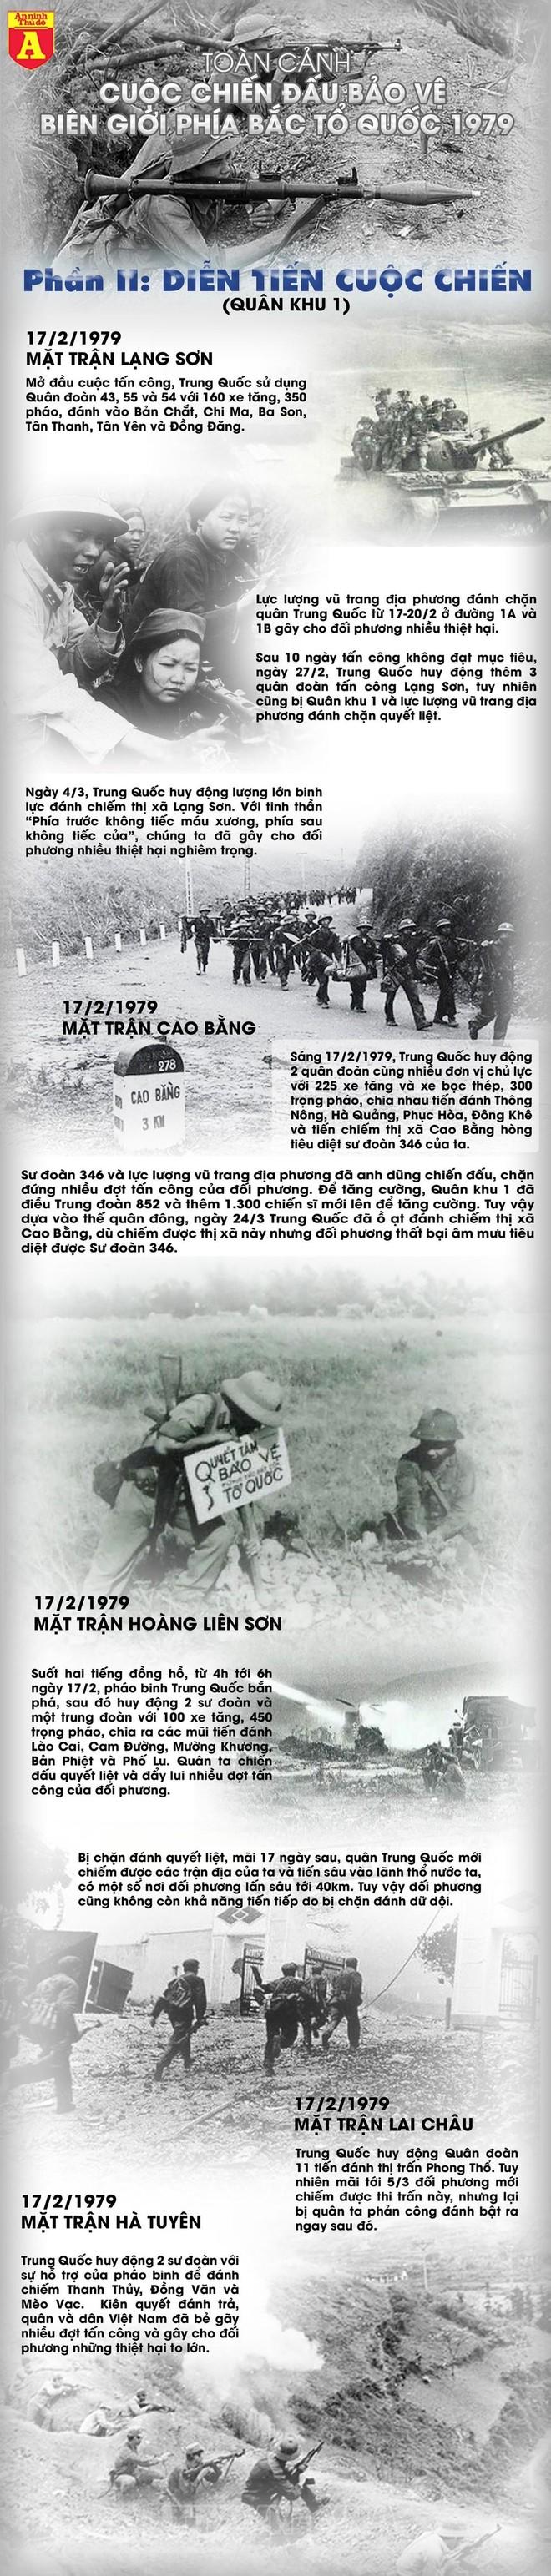 42 năm cuộc chiến đấu bảo vệ biên giới phía Bắc Tổ quốc: Dấu mốc hào hùng mãi khắc ghi ảnh 2